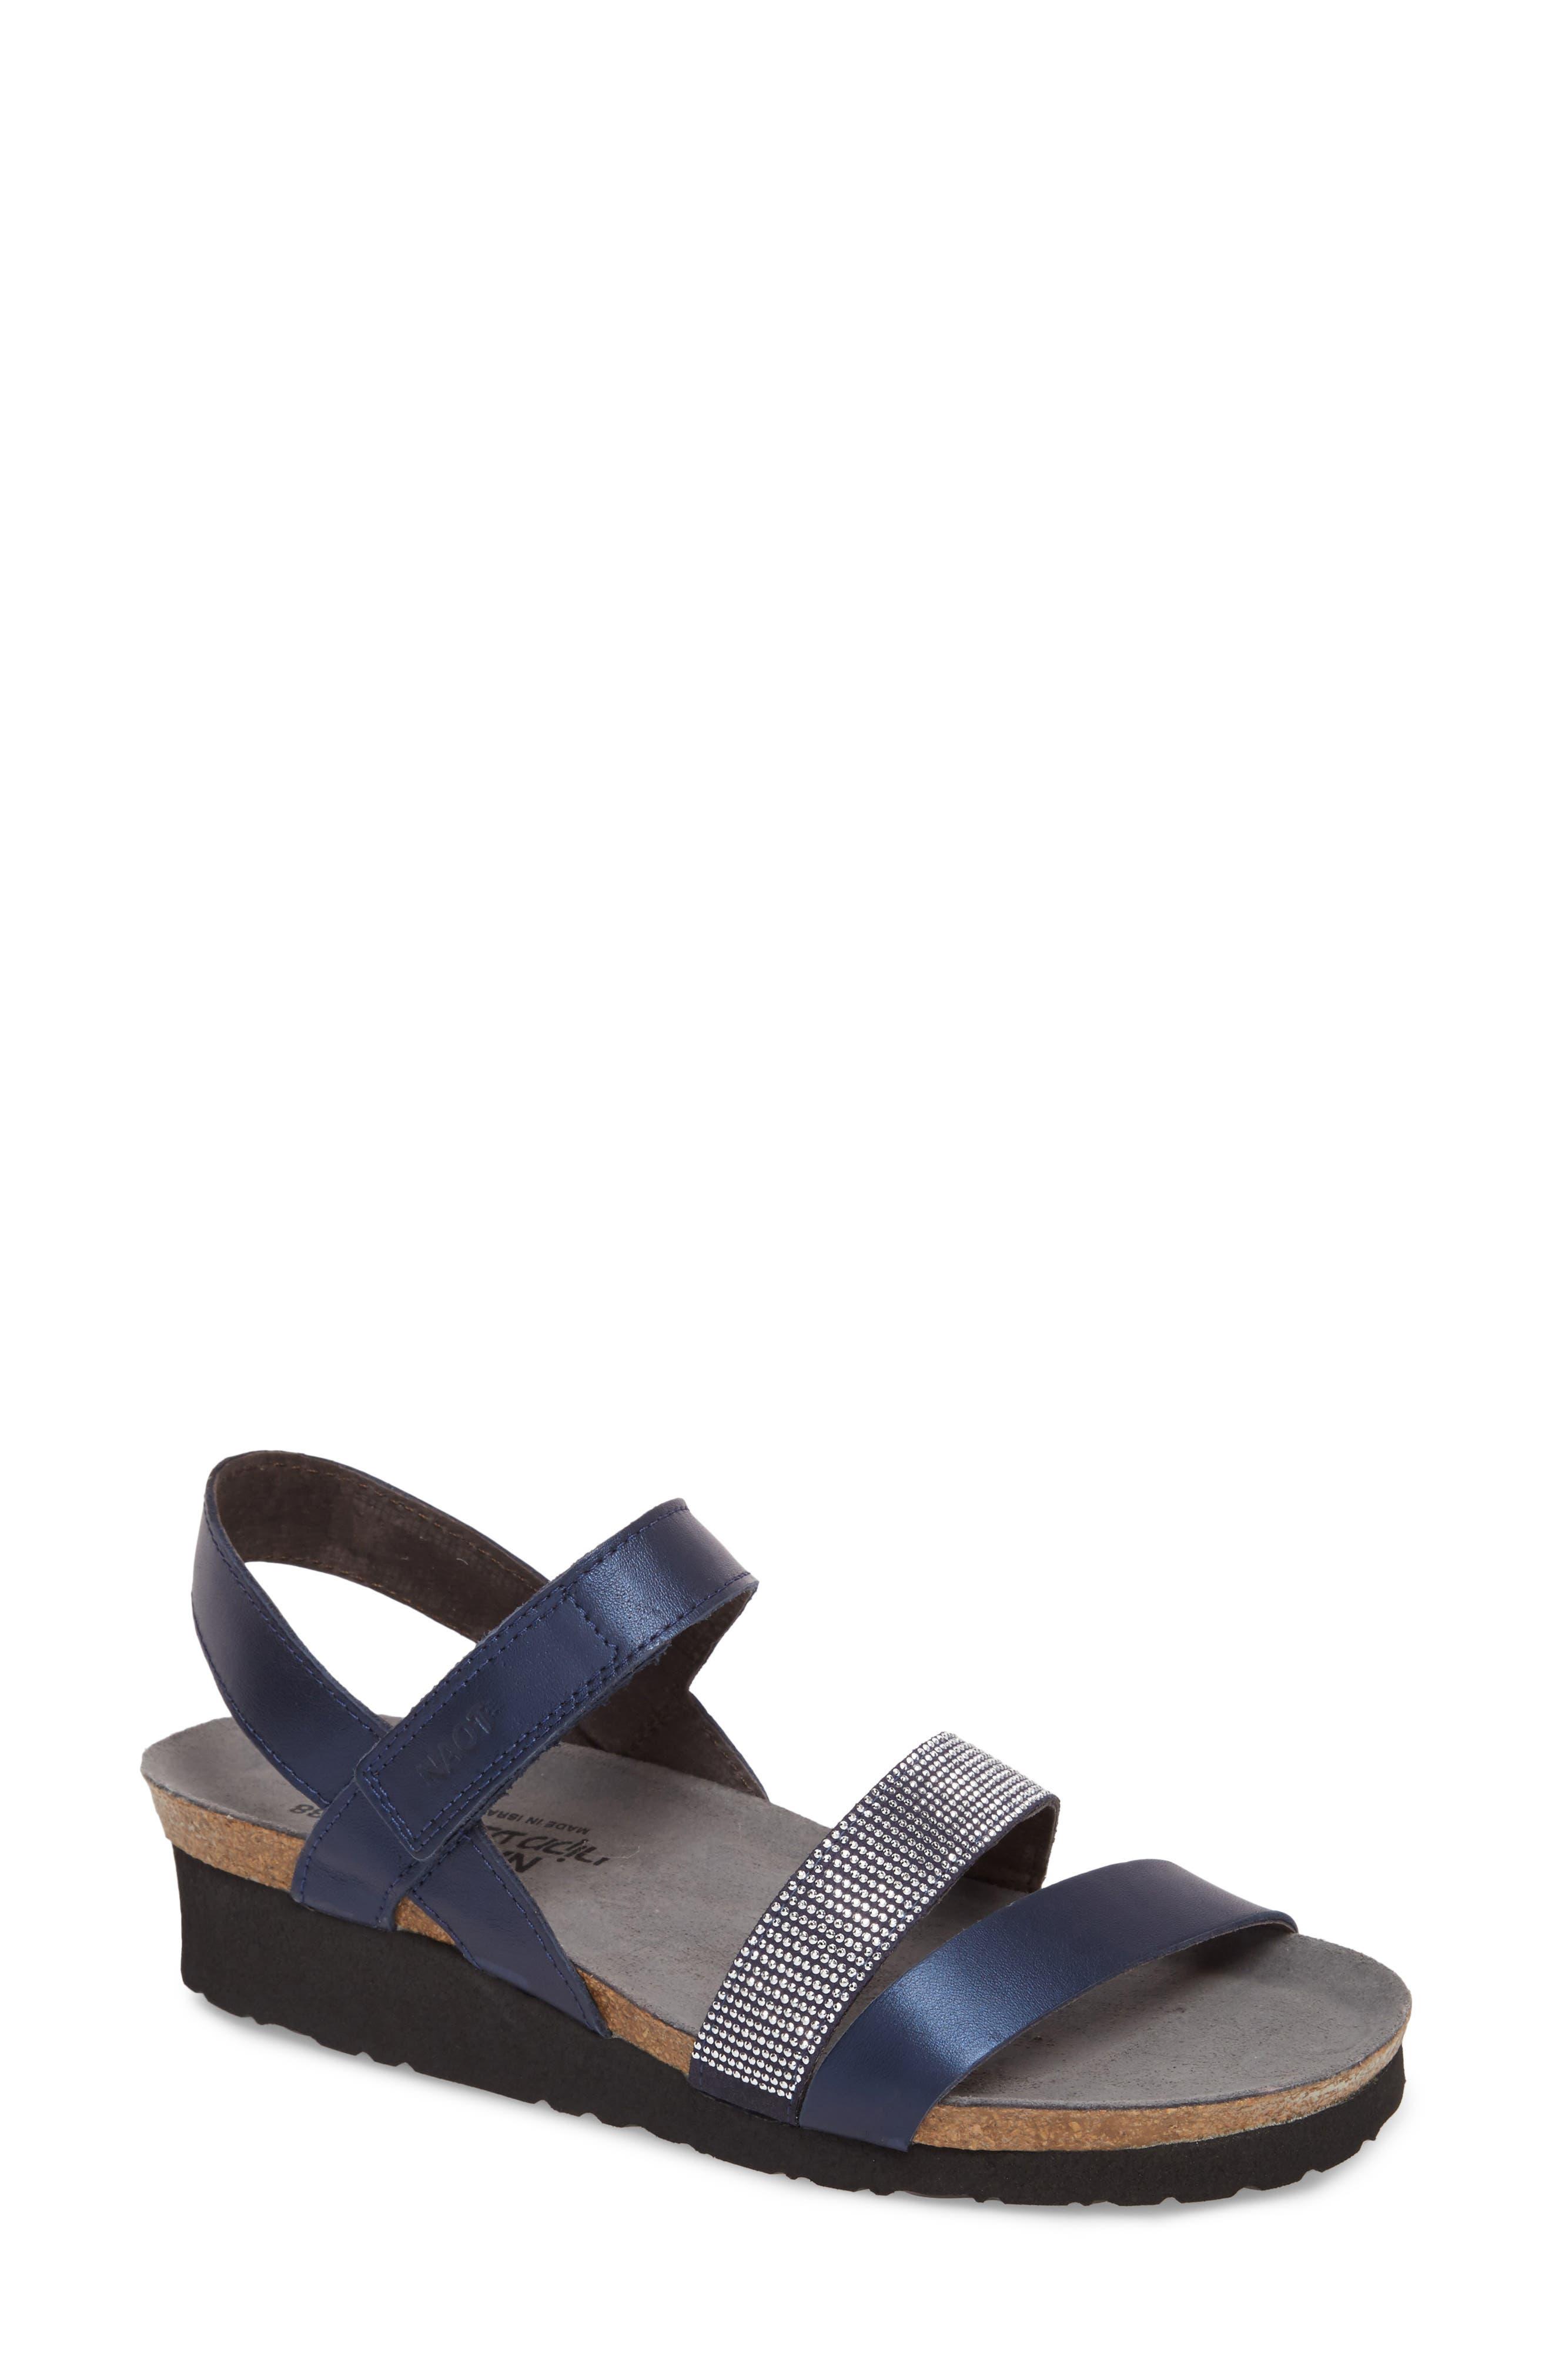 Main Image - Naot 'Krista' Sandal (Women)